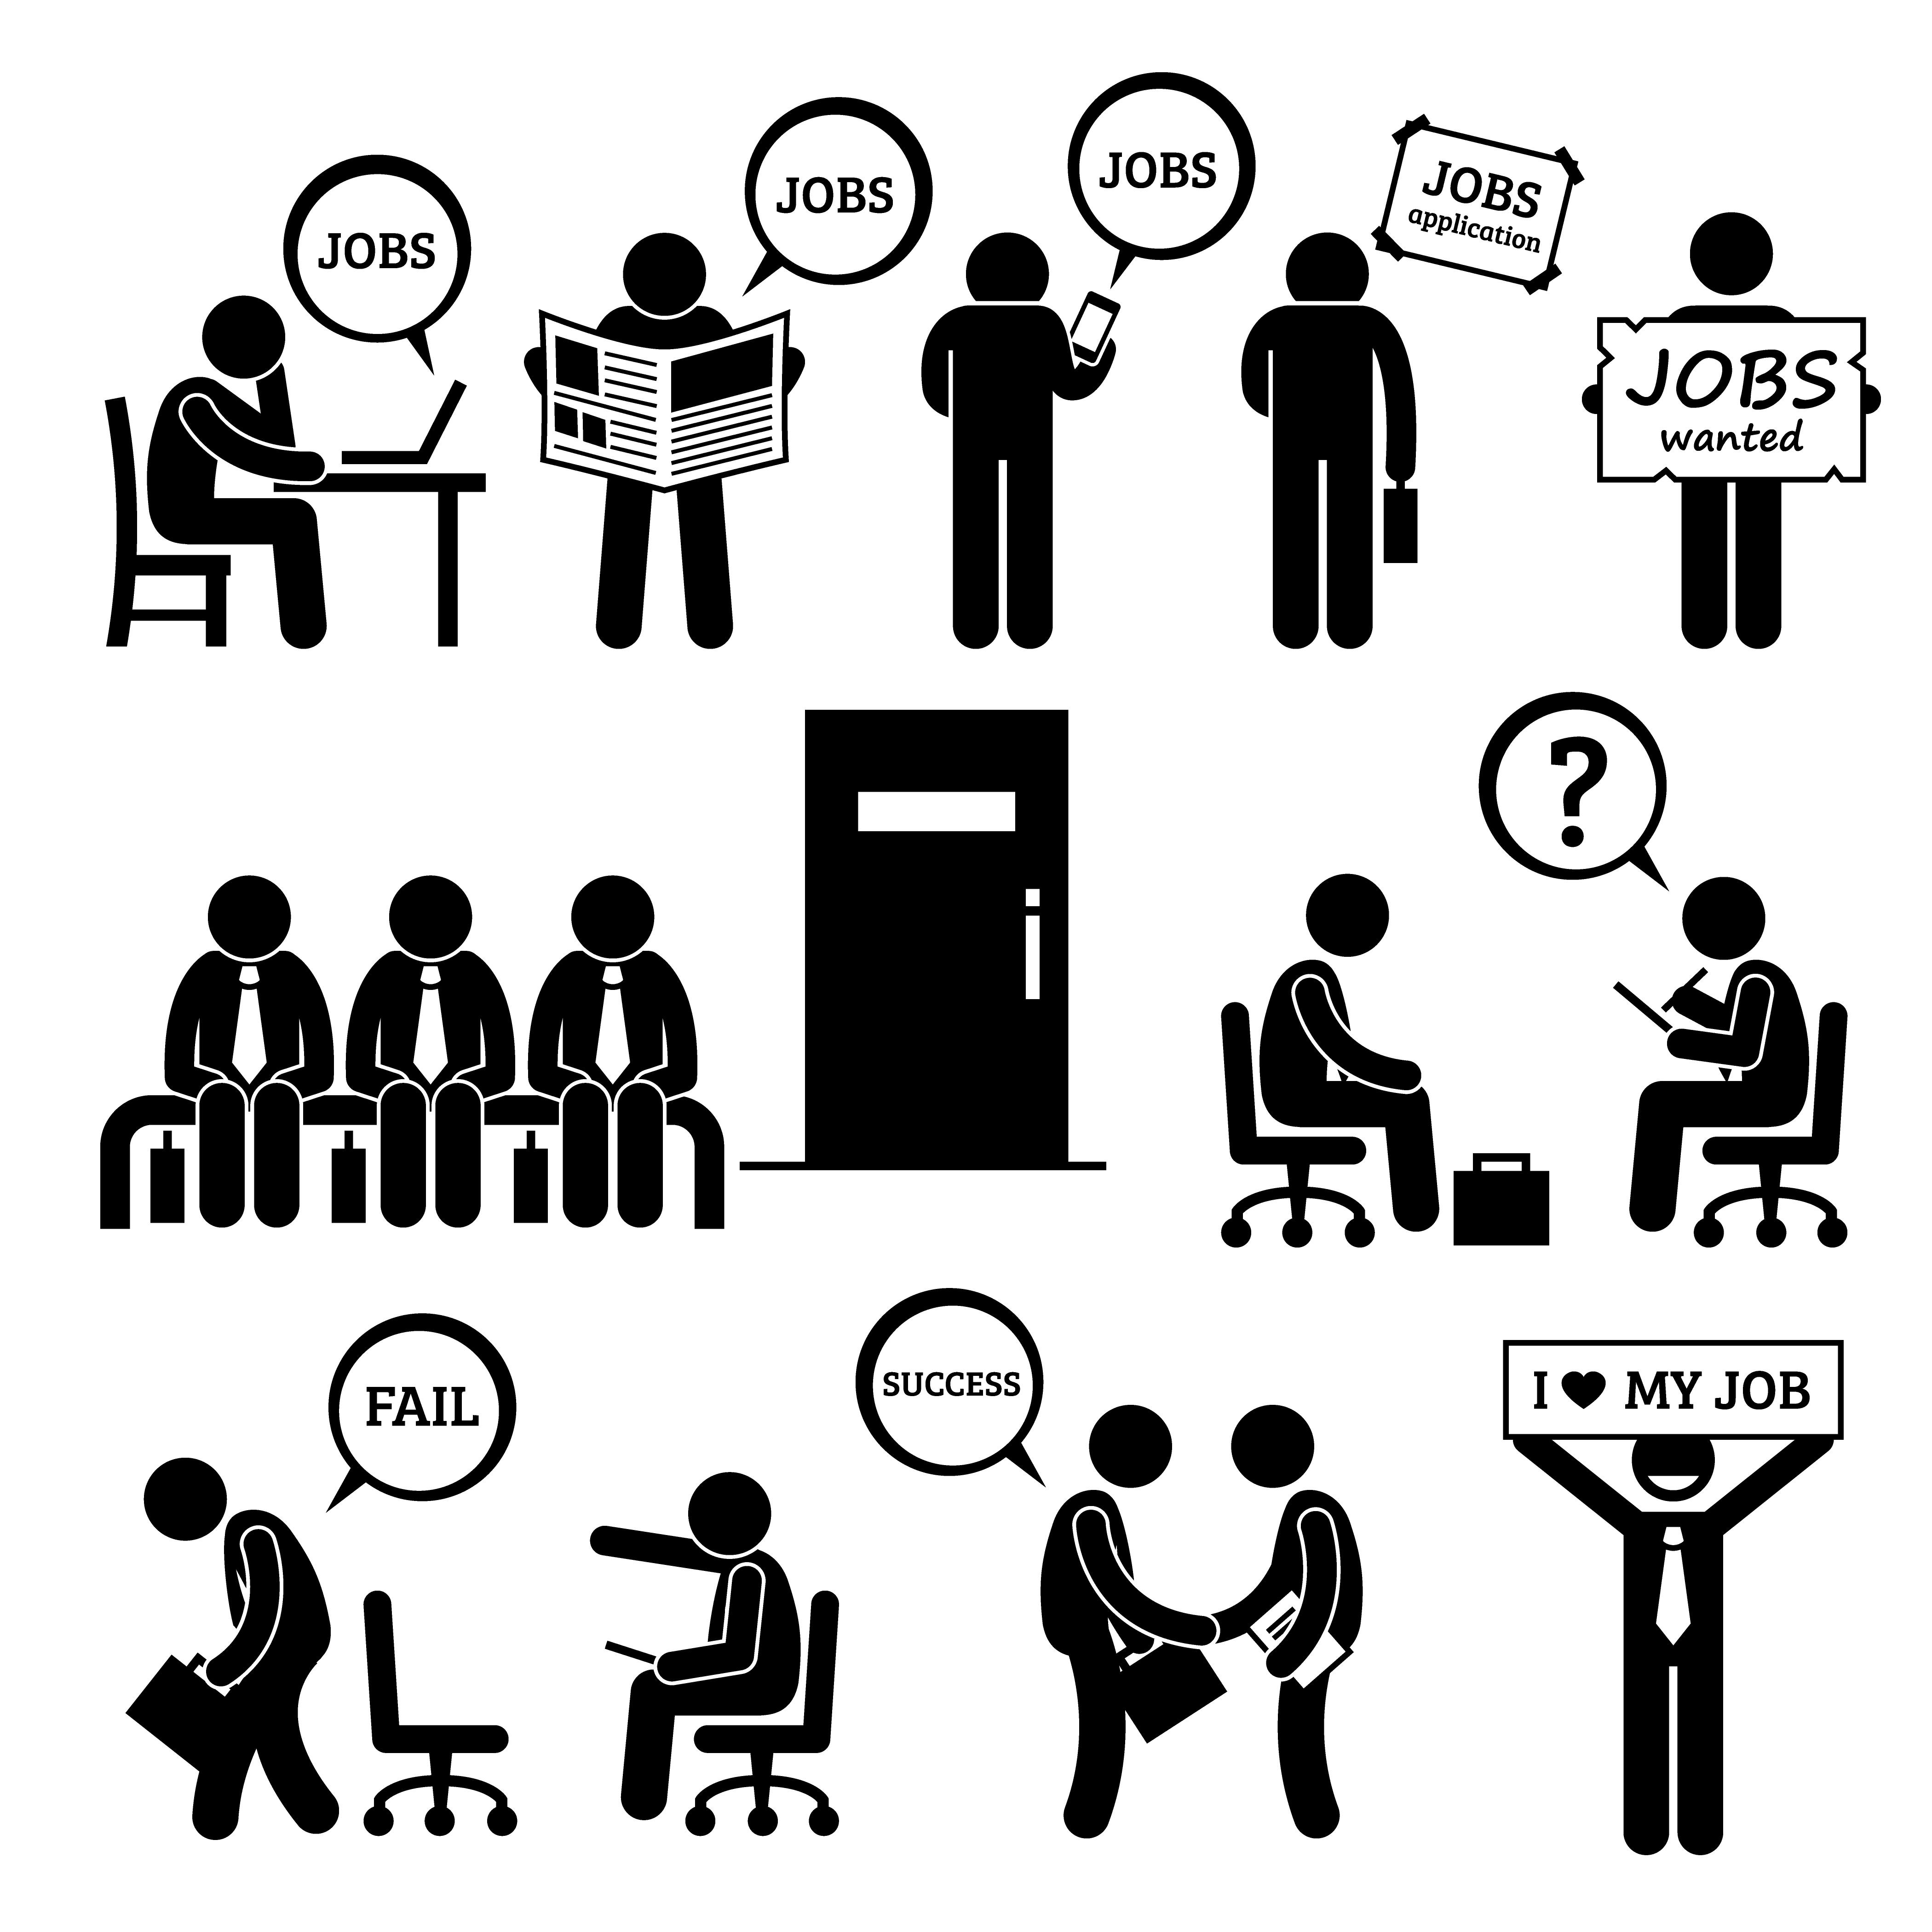 homme  u00e0 la recherche d u0026 39 un emploi et d u0026 39 interview entre